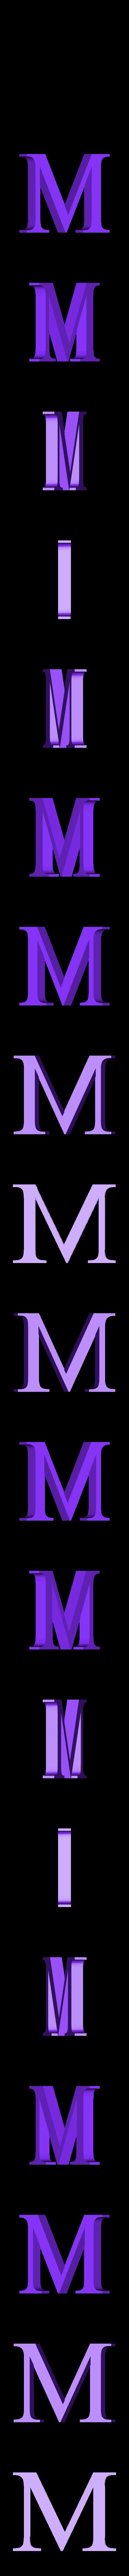 M.STL Télécharger fichier STL gratuit alphabet • Modèle pour imprimante 3D, Cerega